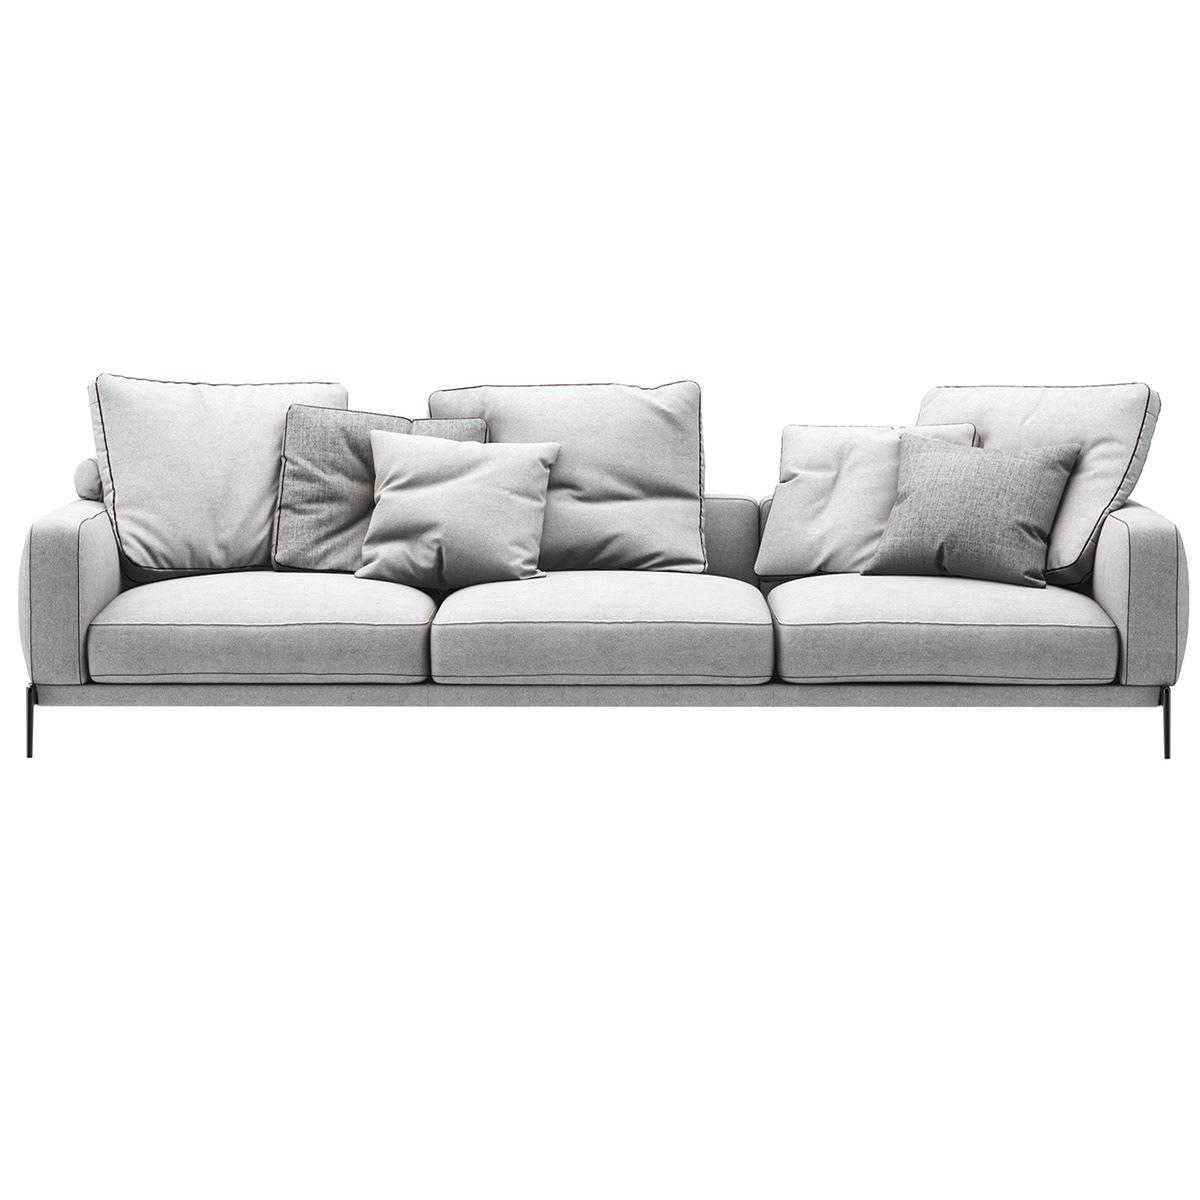 Full Size of Flexform Sofa Romeo By On Behance Altes Grau Weiß Wohnlandschaft Ohne Lehne Schlaffunktion Riess Ambiente Polster Reinigen Stoff Bunt Home Affair Halbrundes Sofa Flexform Sofa